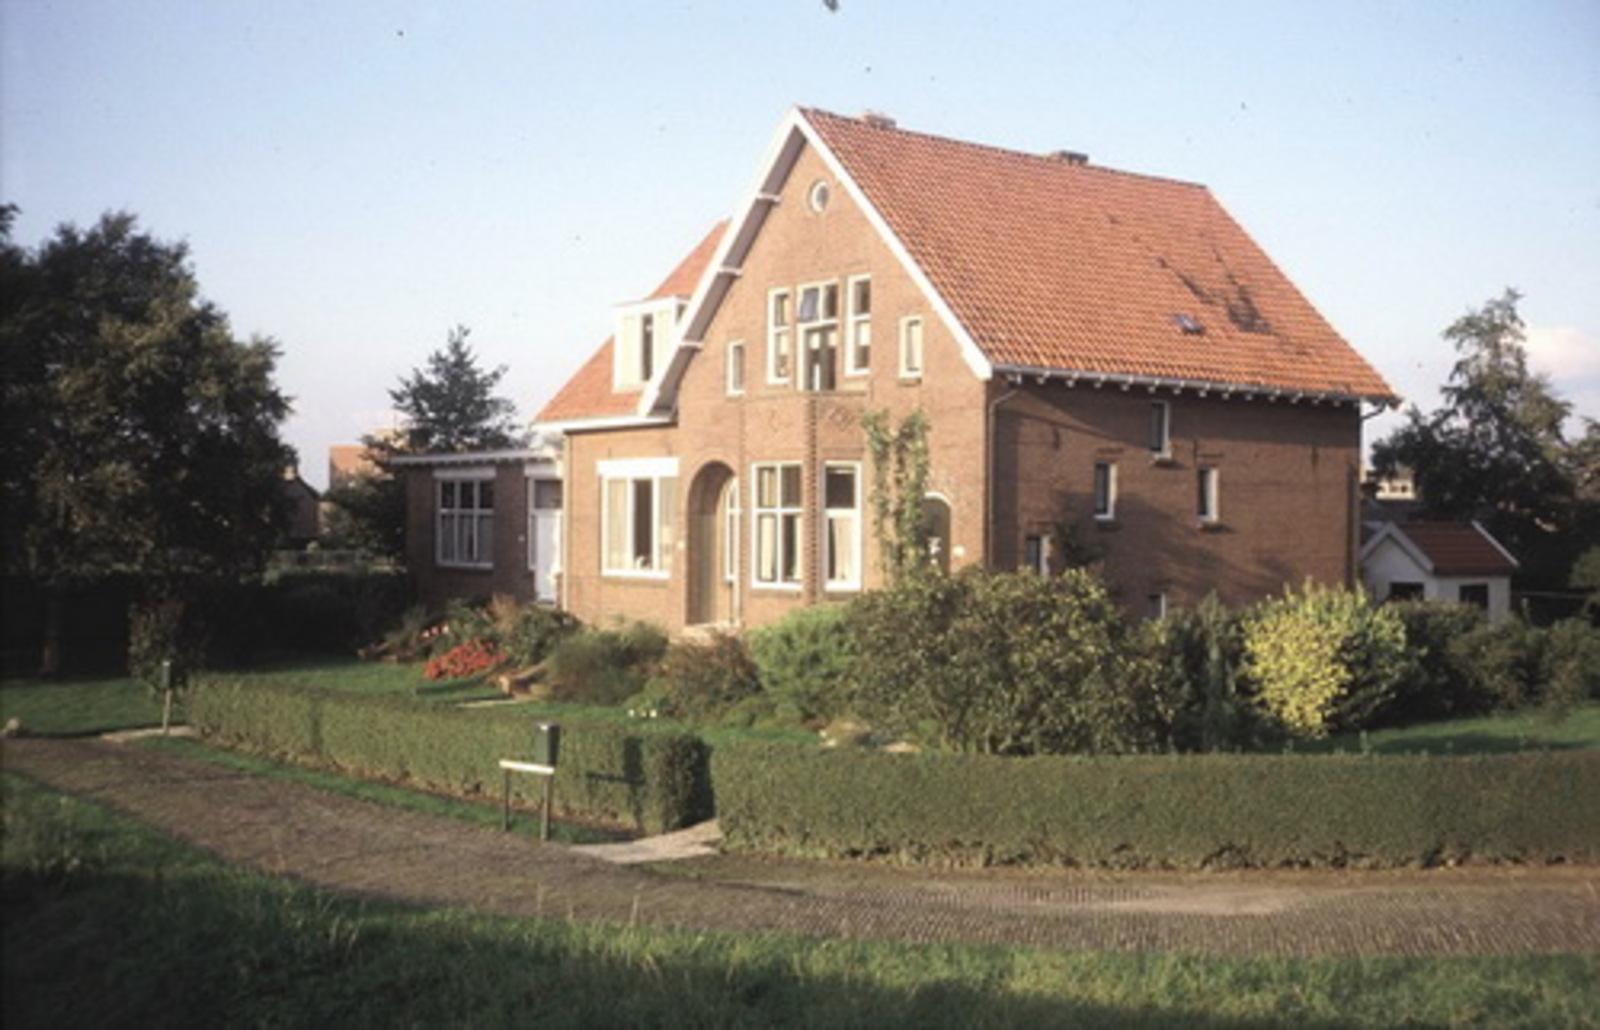 Kruisweg N 1161-1159 197_ Huize Stolp - Bakkenhoven